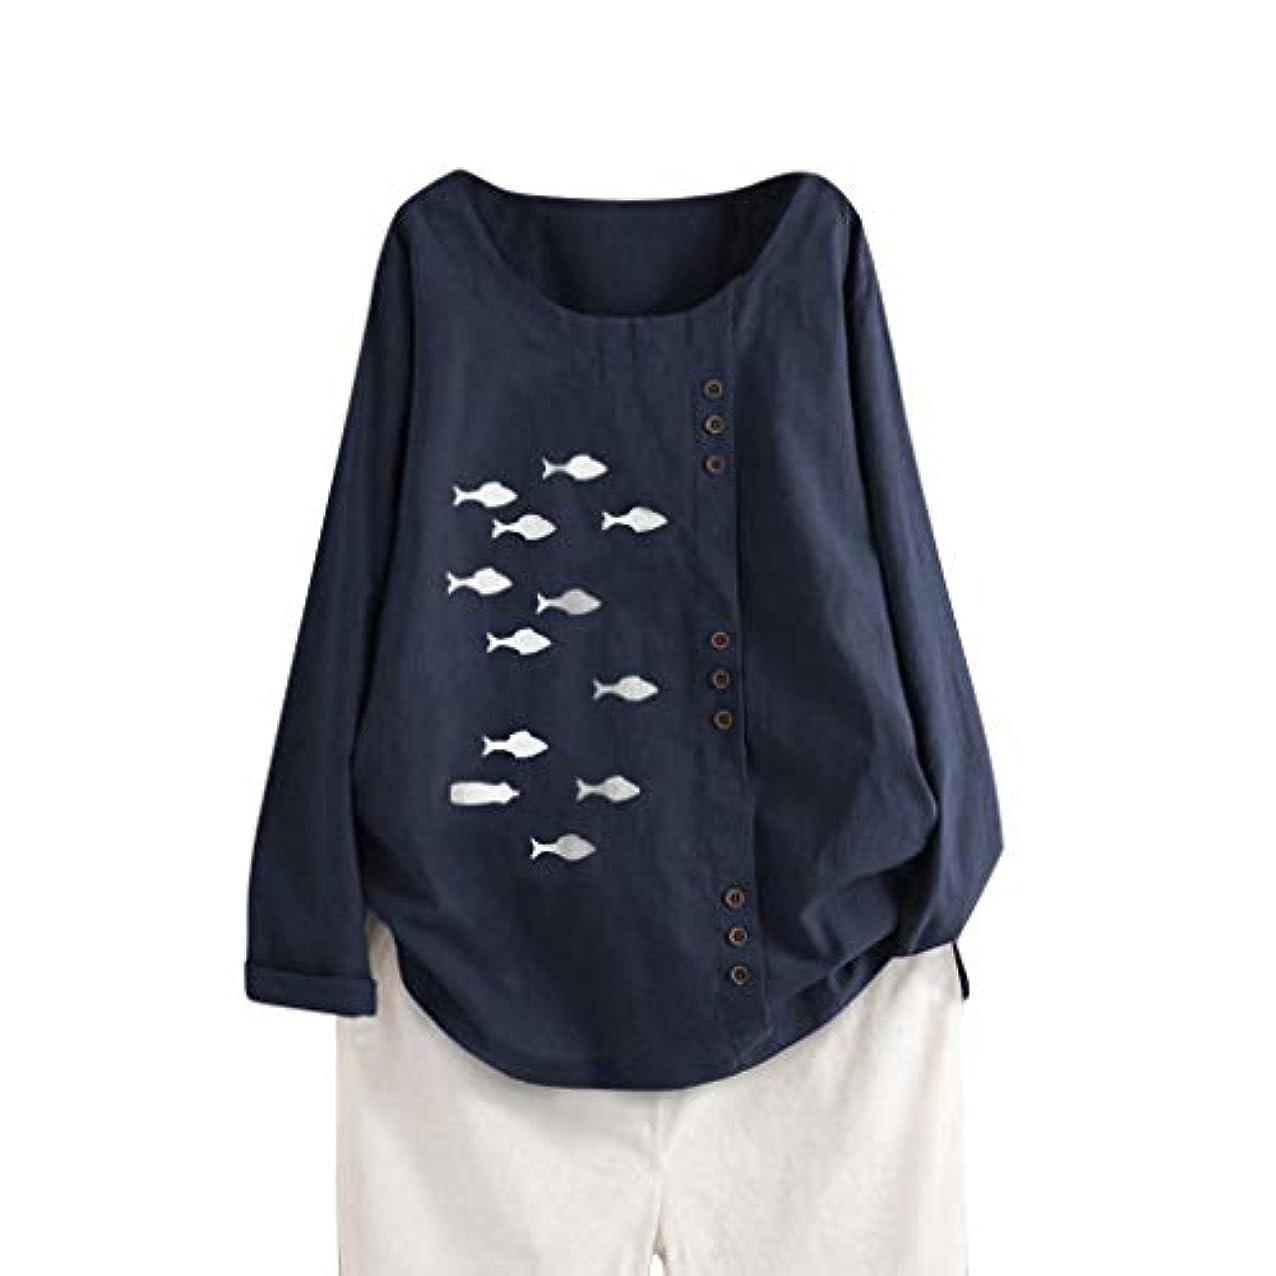 祈るより良い該当するAguleaph レディース Tシャツ おおきいサイズ 長袖 コットンとリネン 魚のパターン トップス 学生 洋服 お出かけ ワイシャツ 流行り ブラウス 快適な 軽い 柔らかい かっこいい カジュアル シンプル オシャレ...